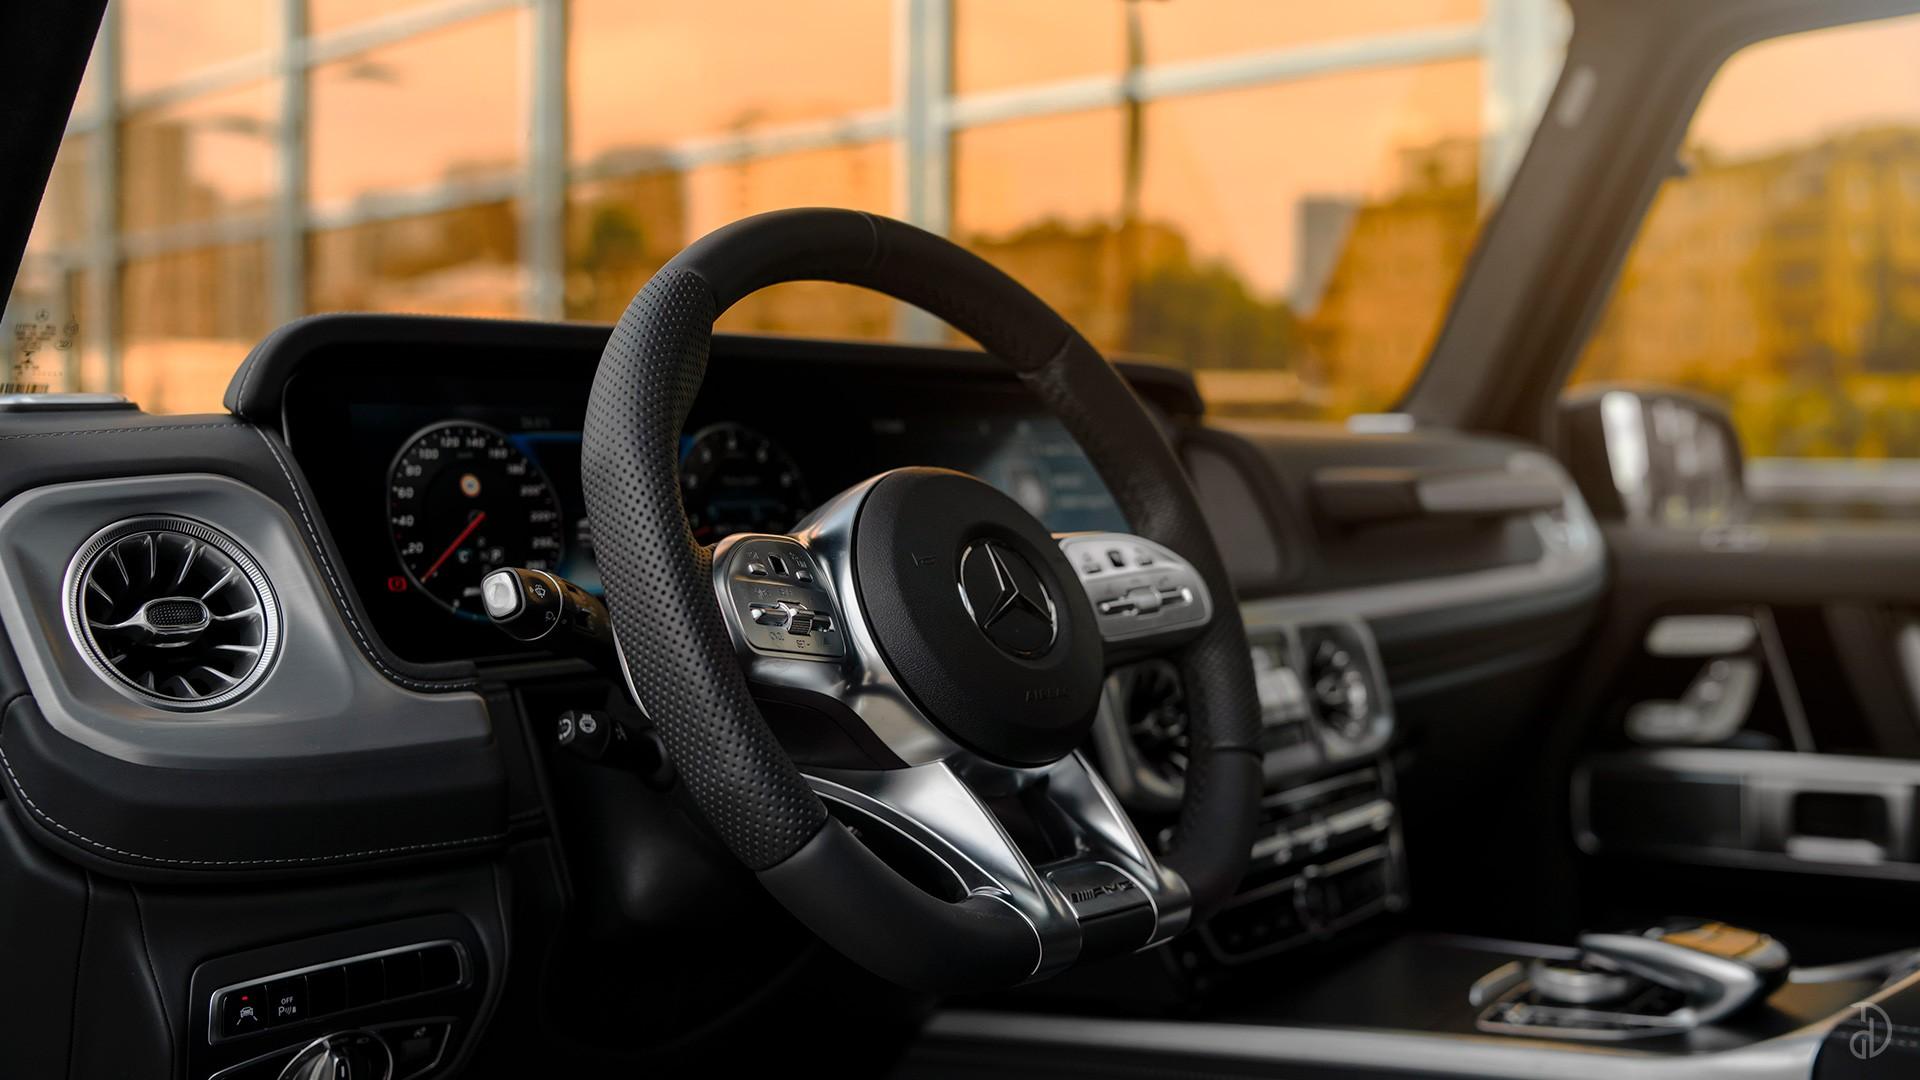 Аренда Гелендвагена Mercedes G 63 AMG 2020 в Москве. Фото 11